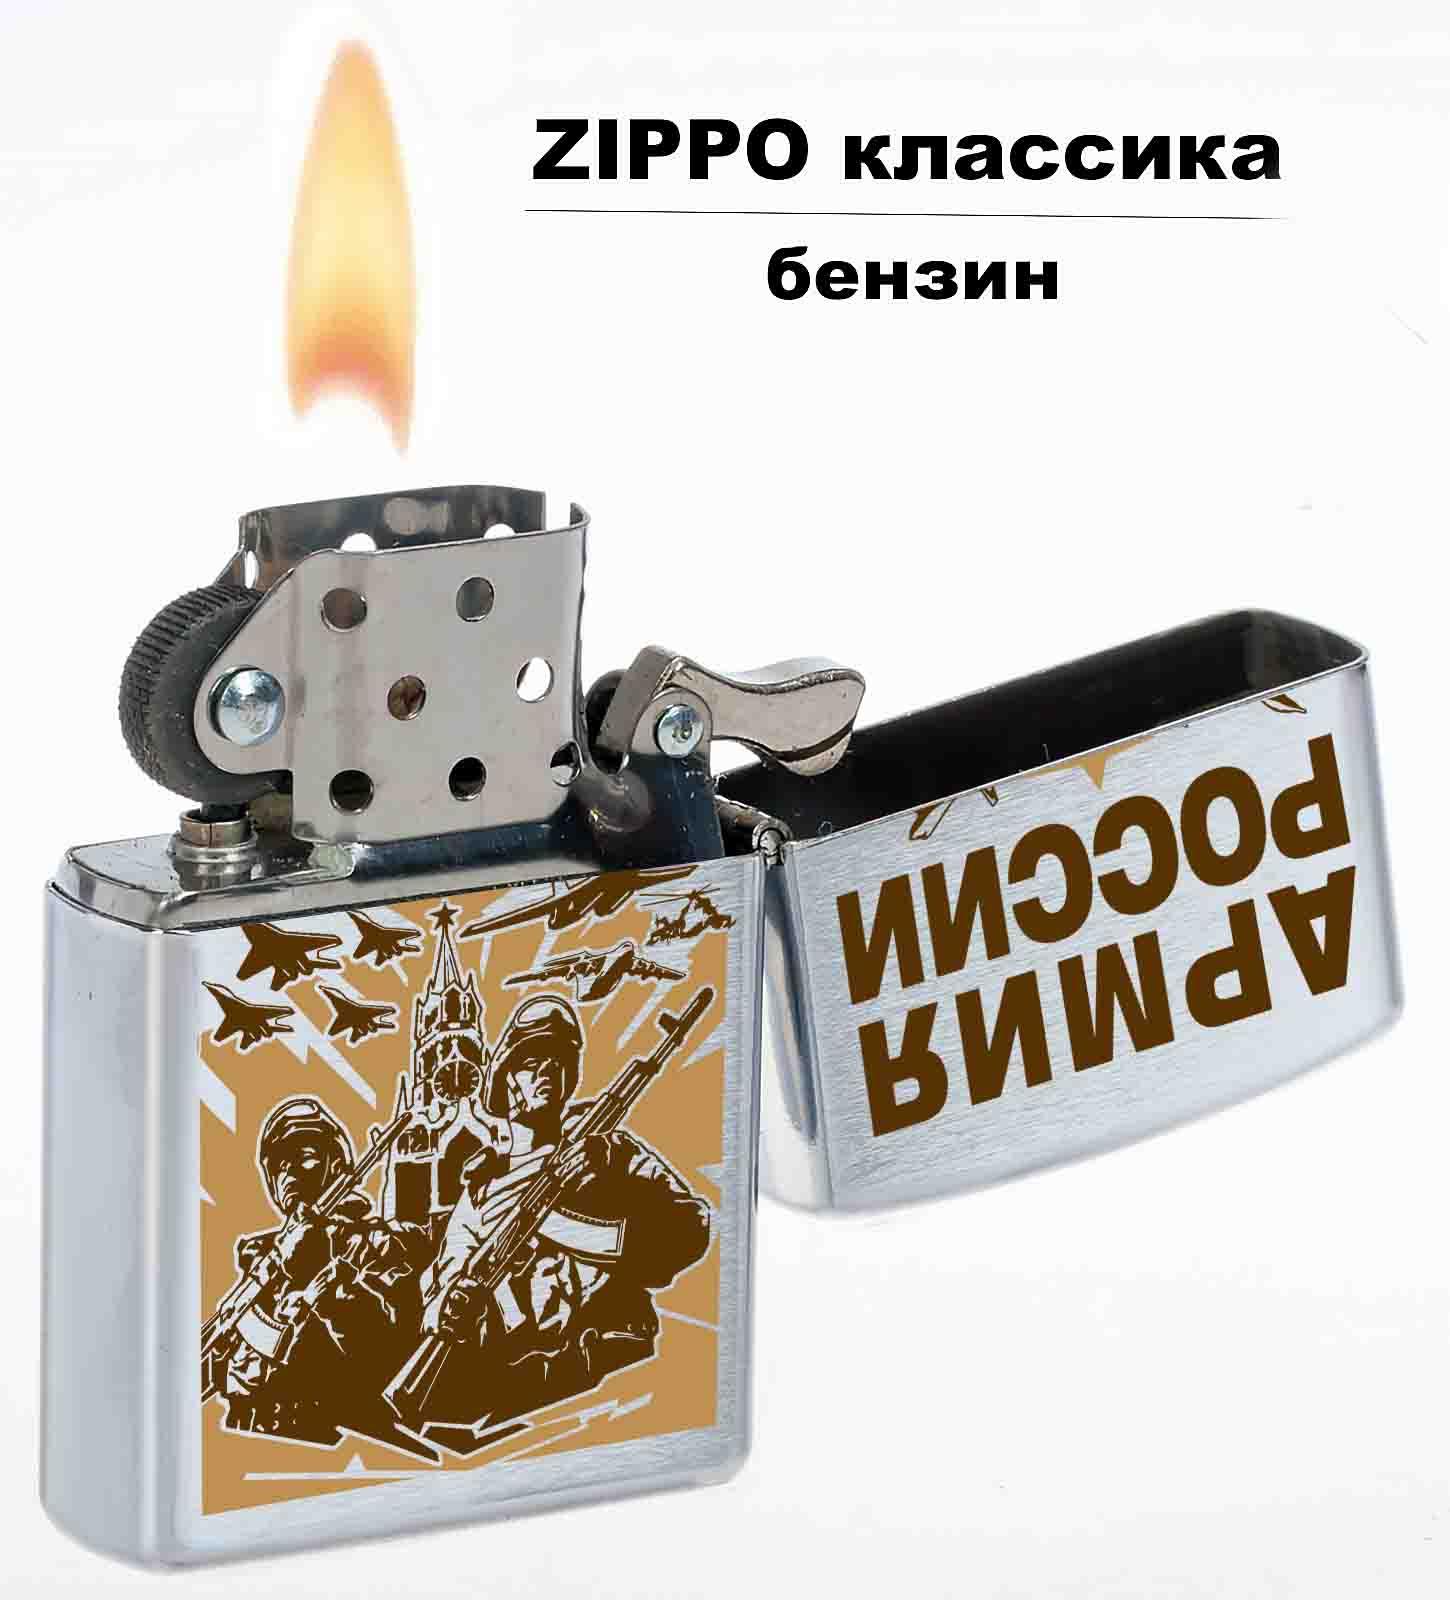 Коллекционная зажигалка Армия России бензиновая с принтом